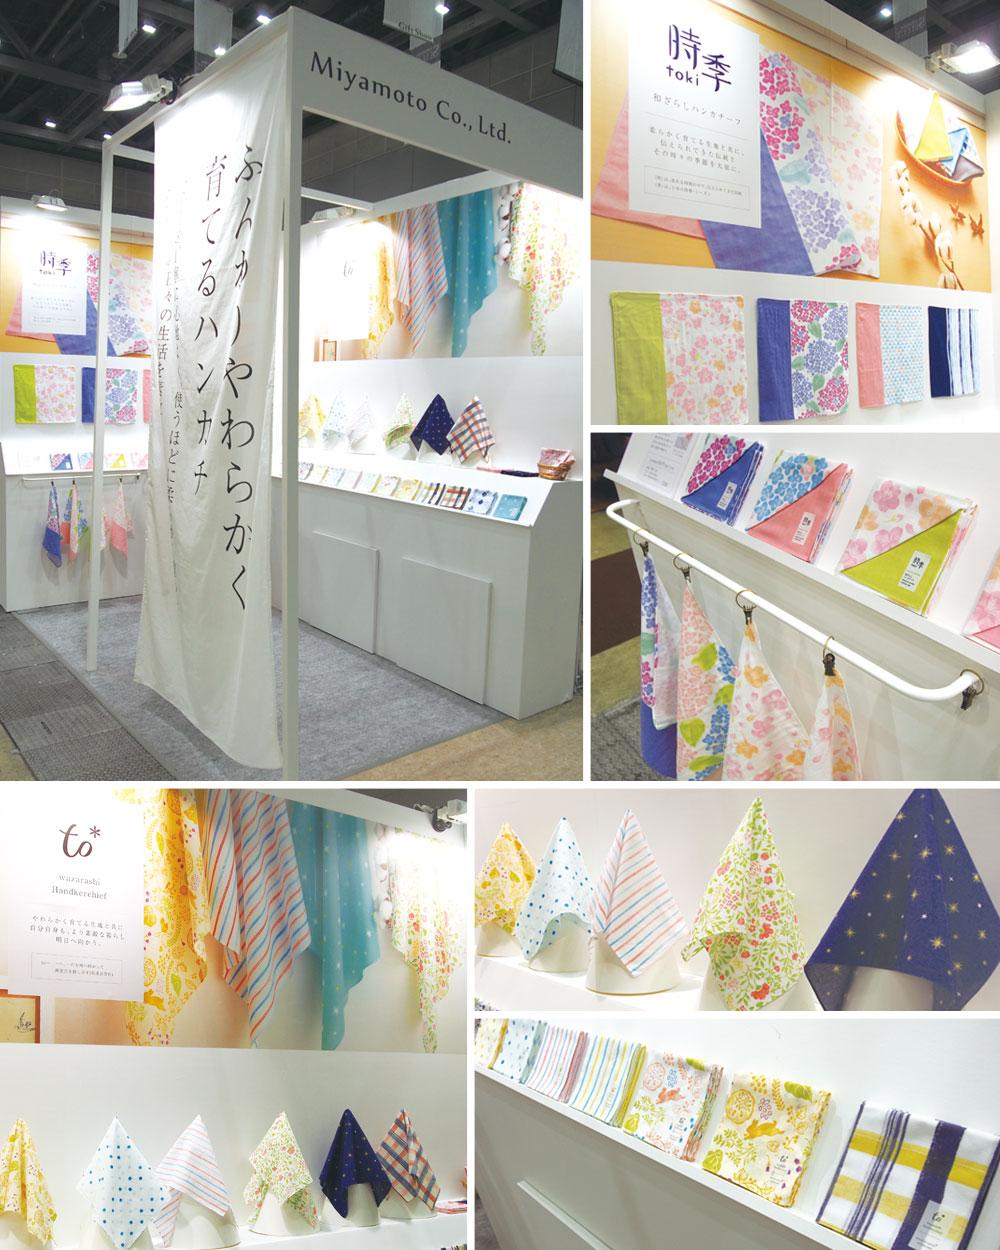 「東京インターナショナル・ギフト・ショー」西展示棟1F「FASHION SELECT」(ブースNo.西1-FS20)にて「to*」と「時季」を展示致しました。宮本株式会社